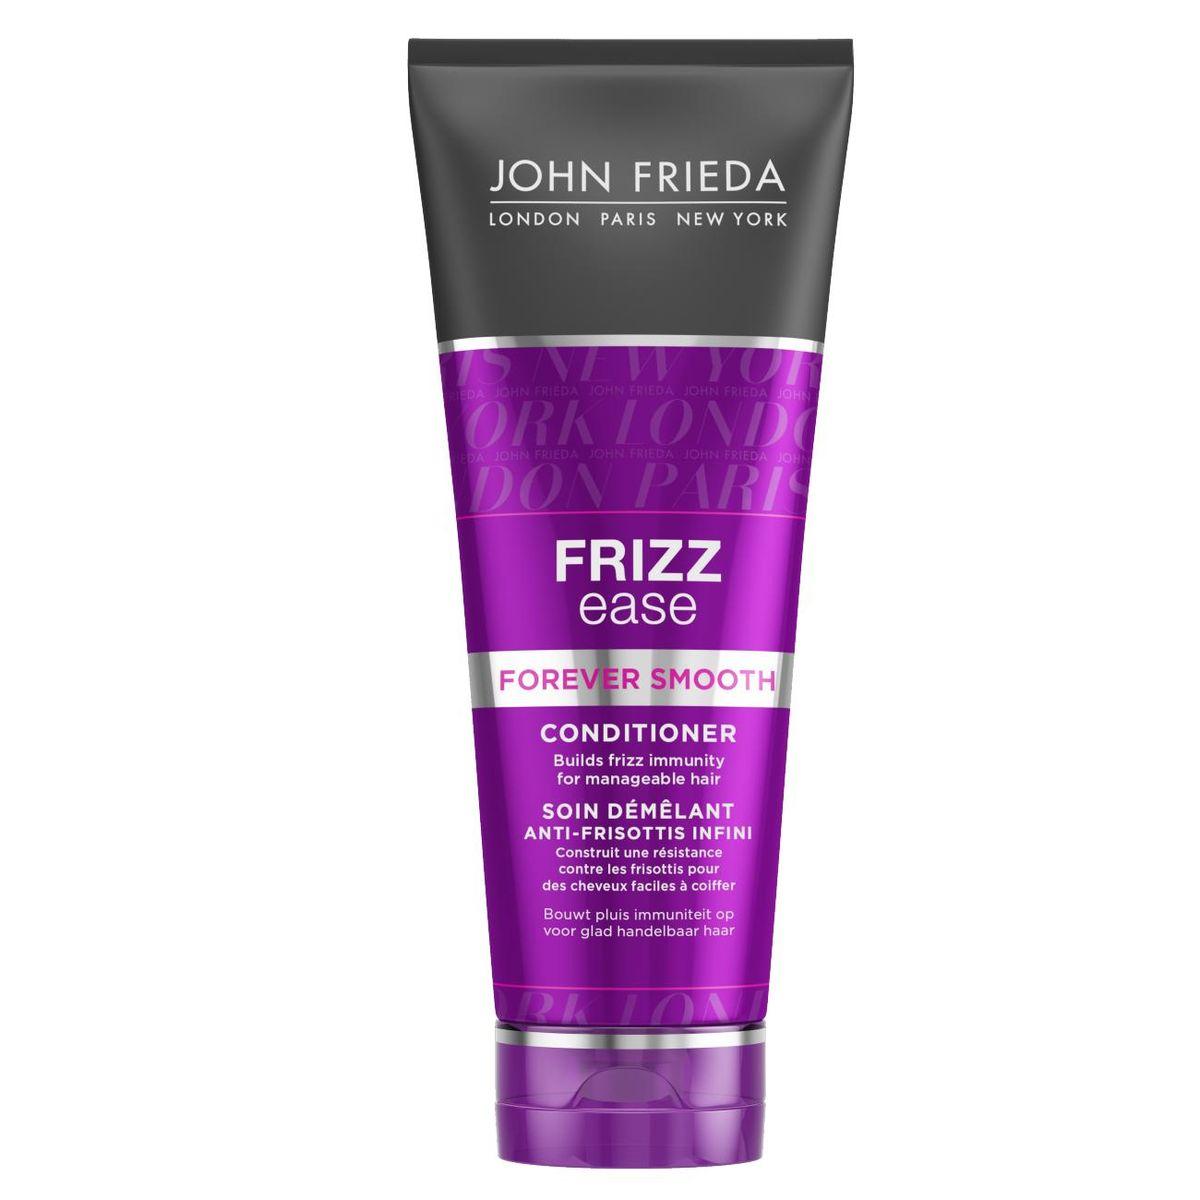 John Frieda Кондиционер для гладкости волос длительного действия против влажности Frizz Ease FOREVER SMOOTH 250 млjf113220Формирует иммунитет вьющихся волос от влажности делает их удивительно послушными на длительное время. Волосы приобретают внутренний иммунитет от курчавости волос. Кондиционер FOREVER SMOOTH с инновационными Frizz Immunity комплексом и чистейшим маслом Кокоса, действует как питательный маска и делает волосы более мягкими и послушными, с каждым применением постепенно формирует у волос иммунитет против курчавости.